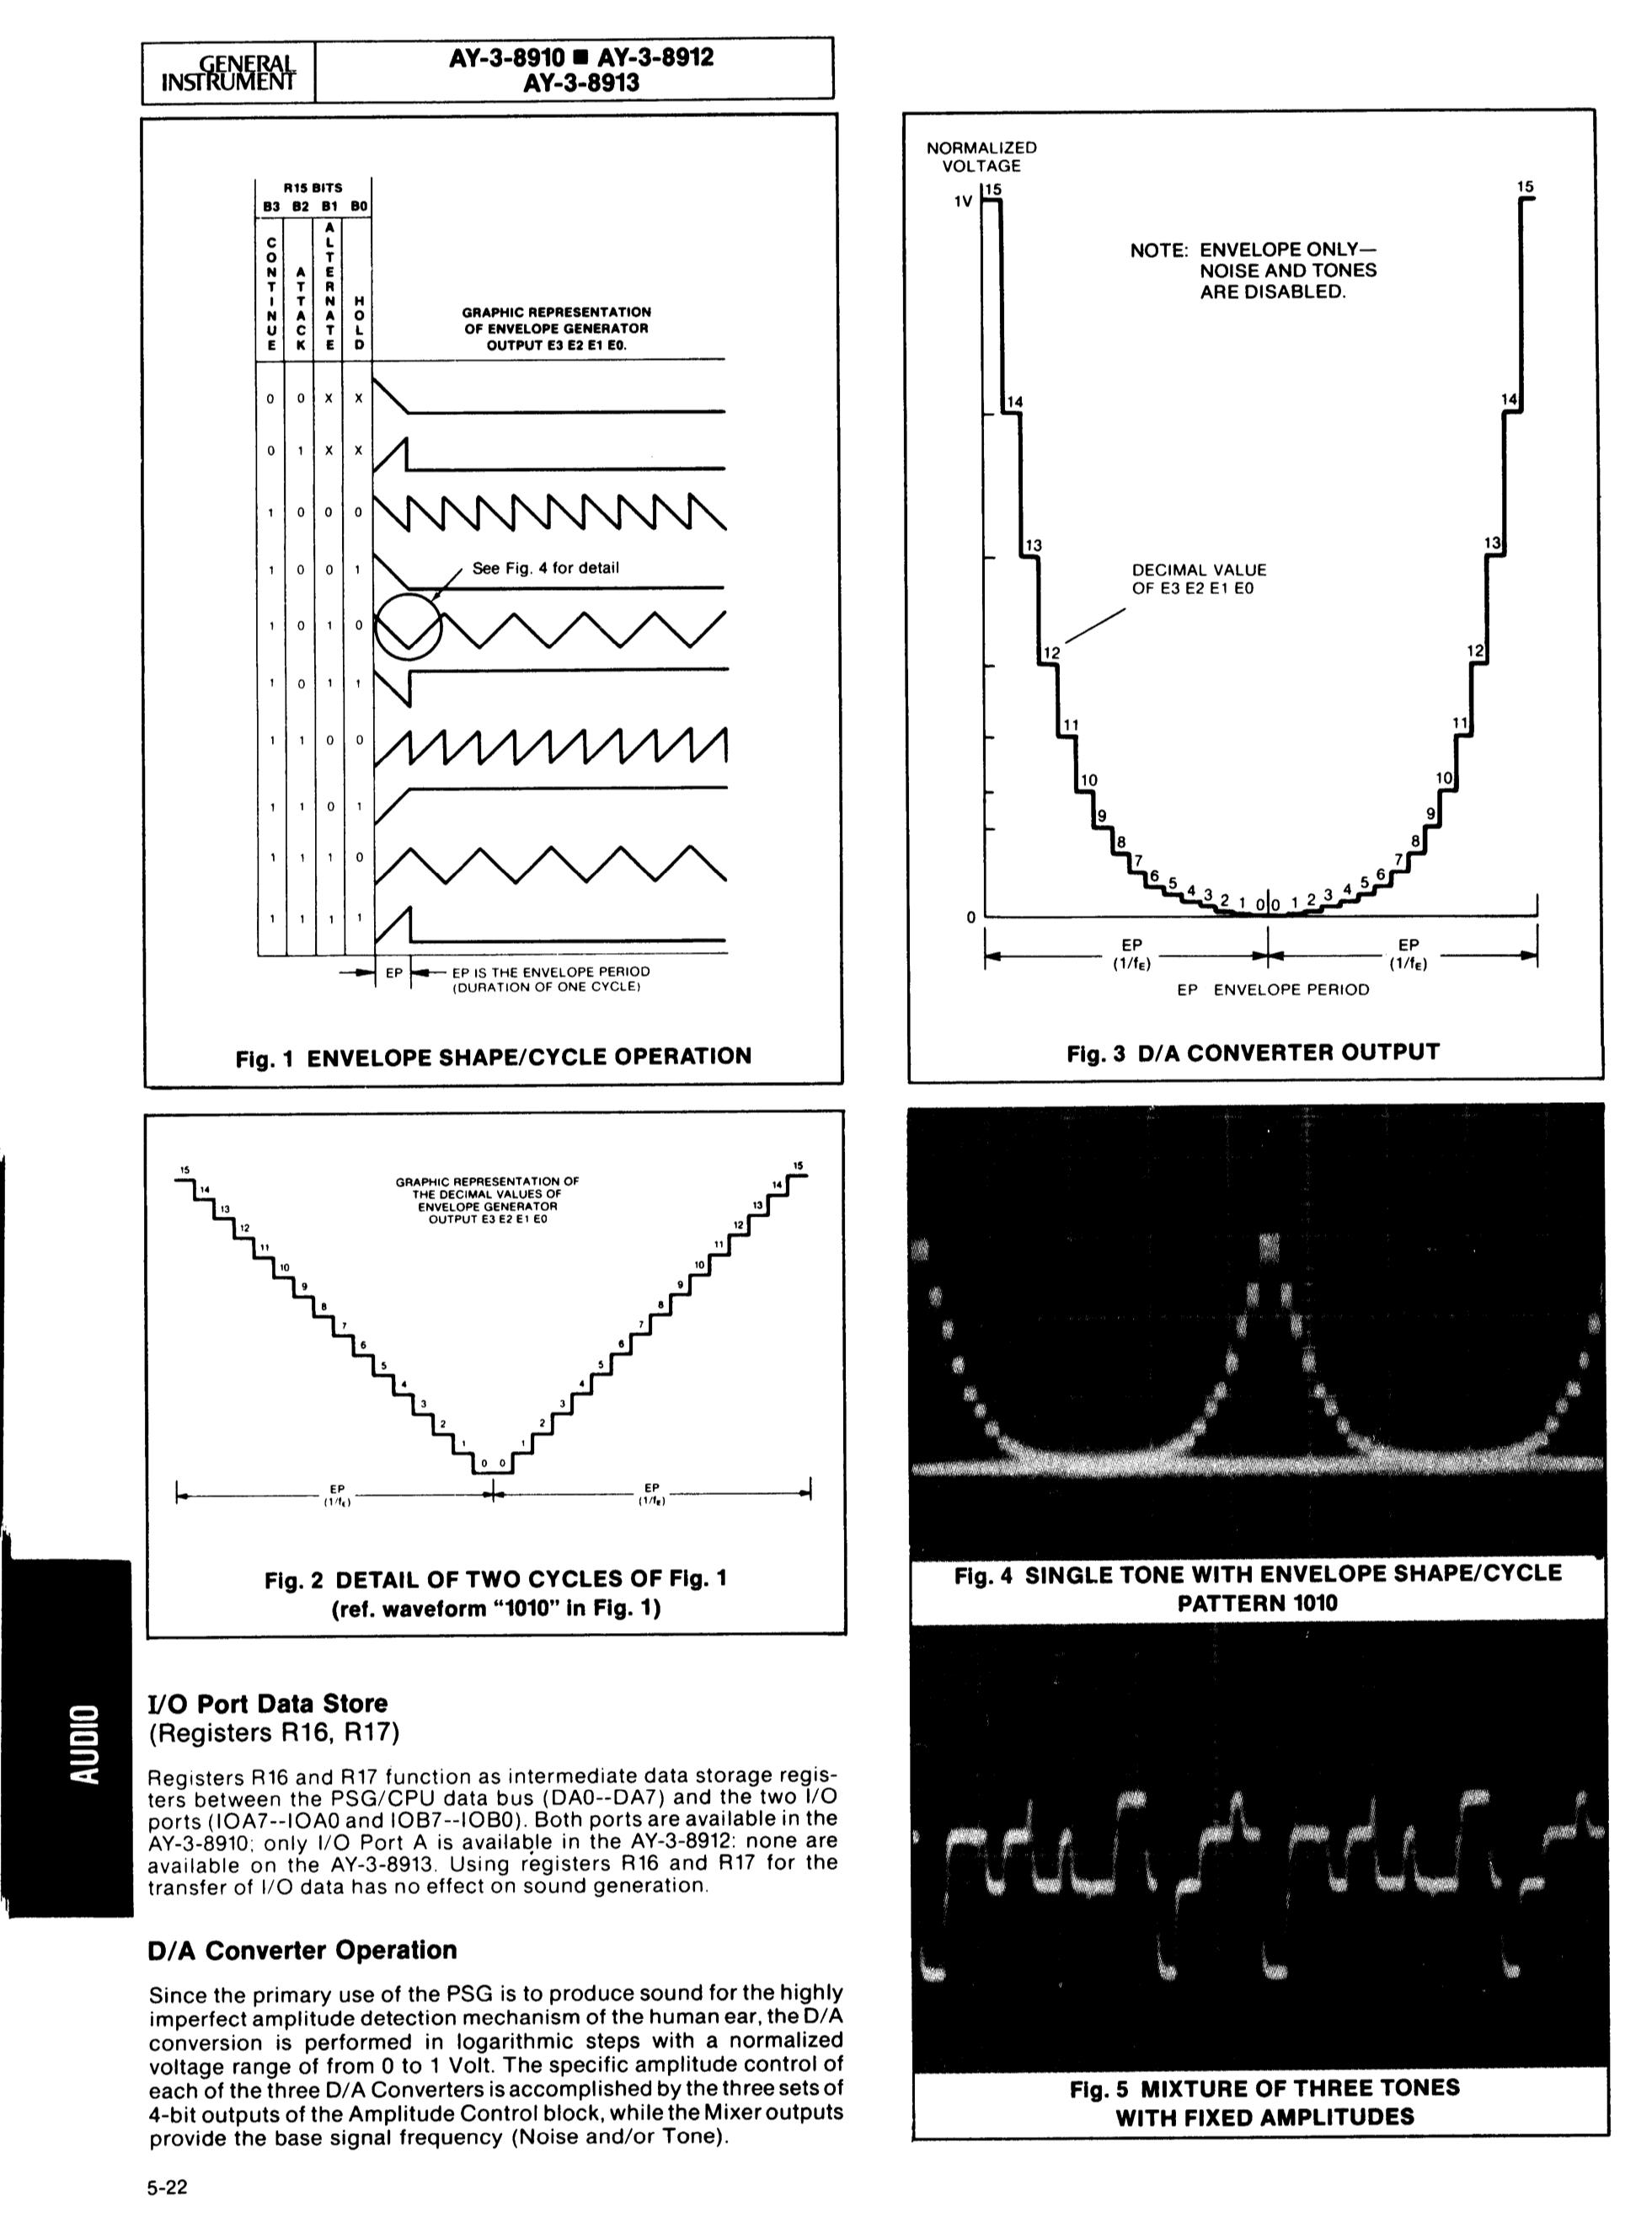 Abb. 2: Seite aus dem Manual des AY-3-8910 [GI 1978:26-31], auf der u.a. die Hüllkurvenfunktionen zu sehen sind (oben links).